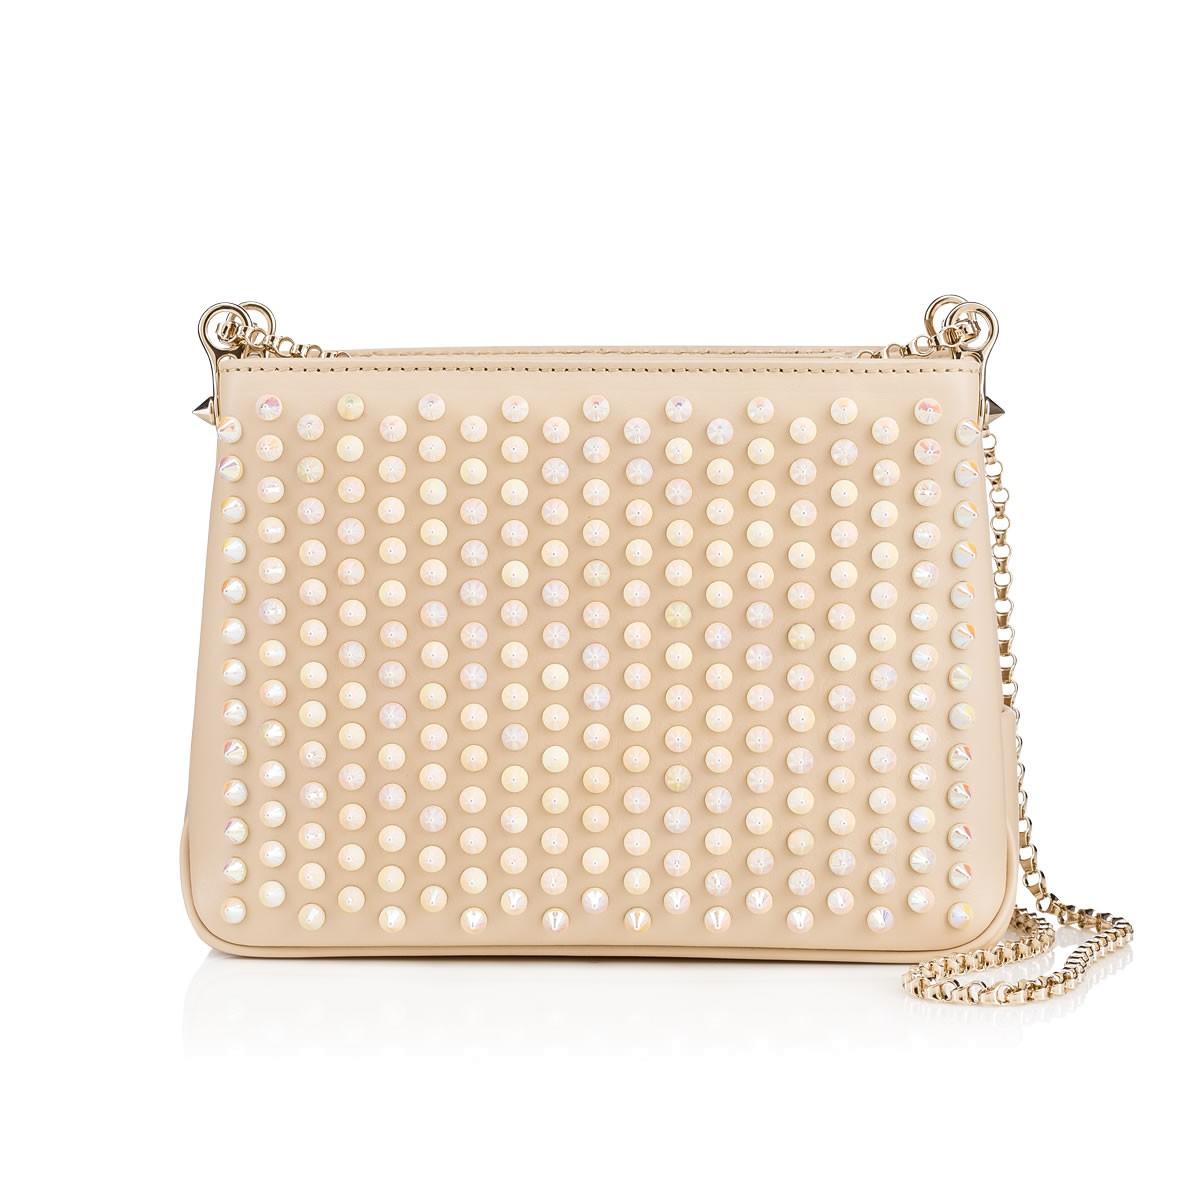 18e307d17a0 Triloubi Small Chain Bag, Ivory, Calfskin, Women Bags, Louboutin.